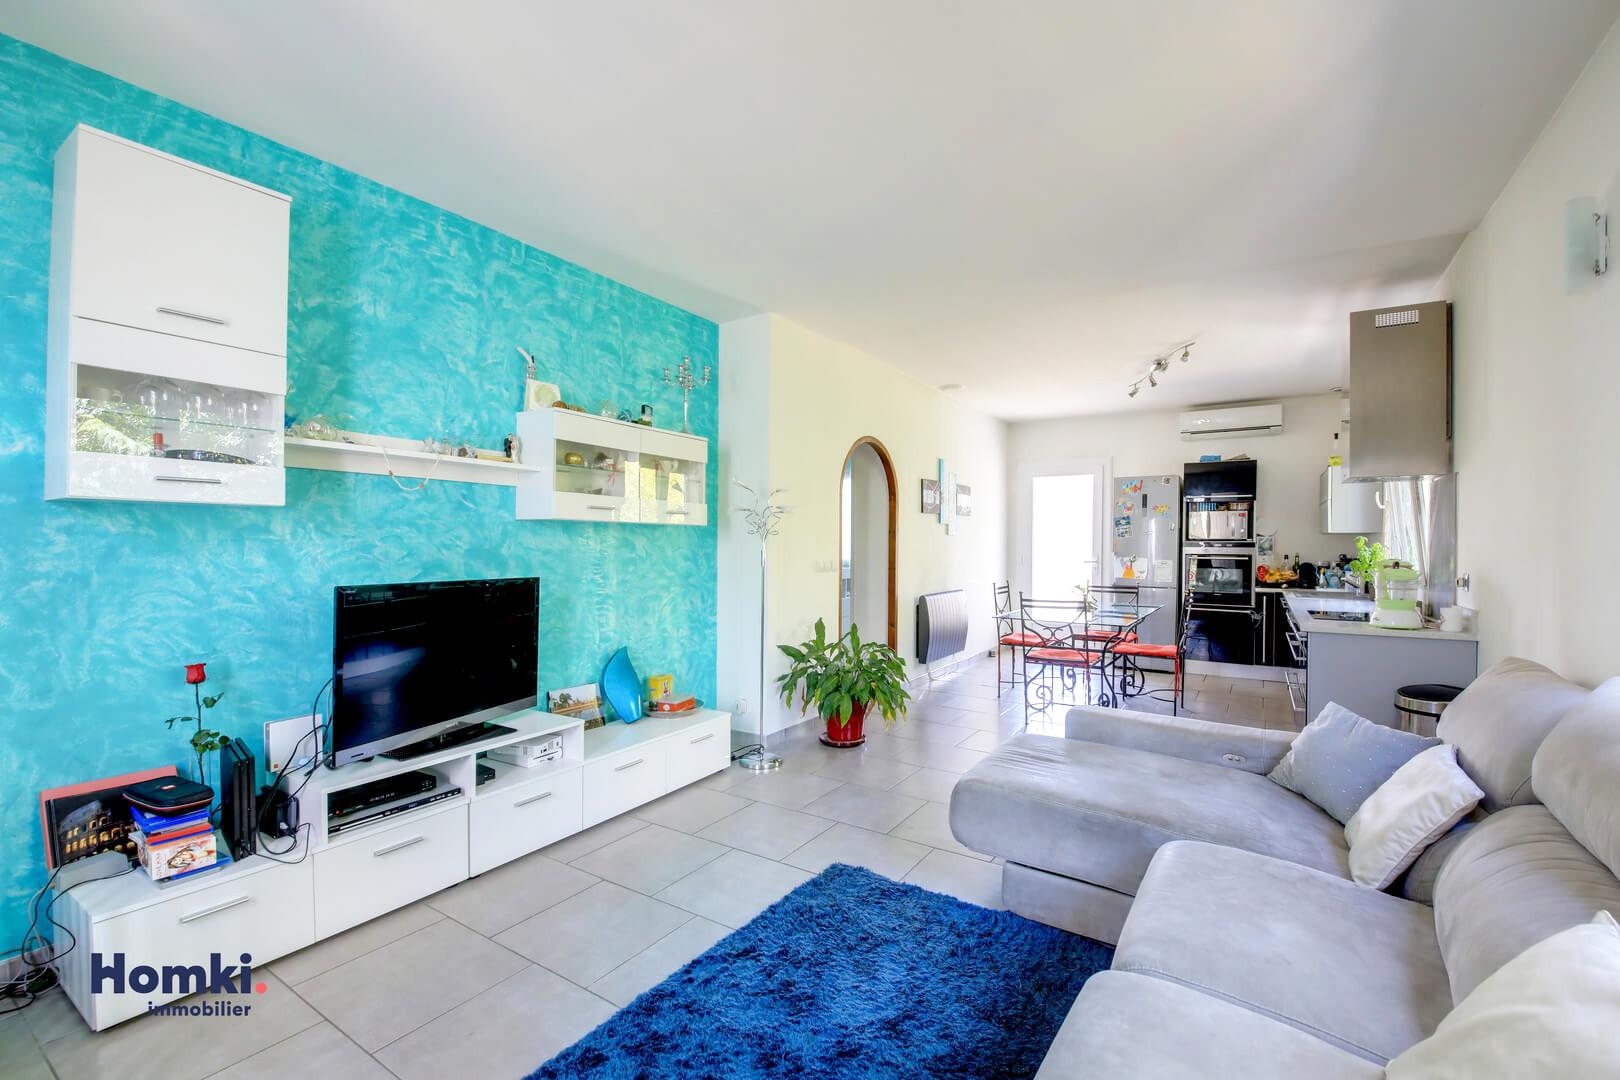 Vente Appartement 58 m² T3 13011_5